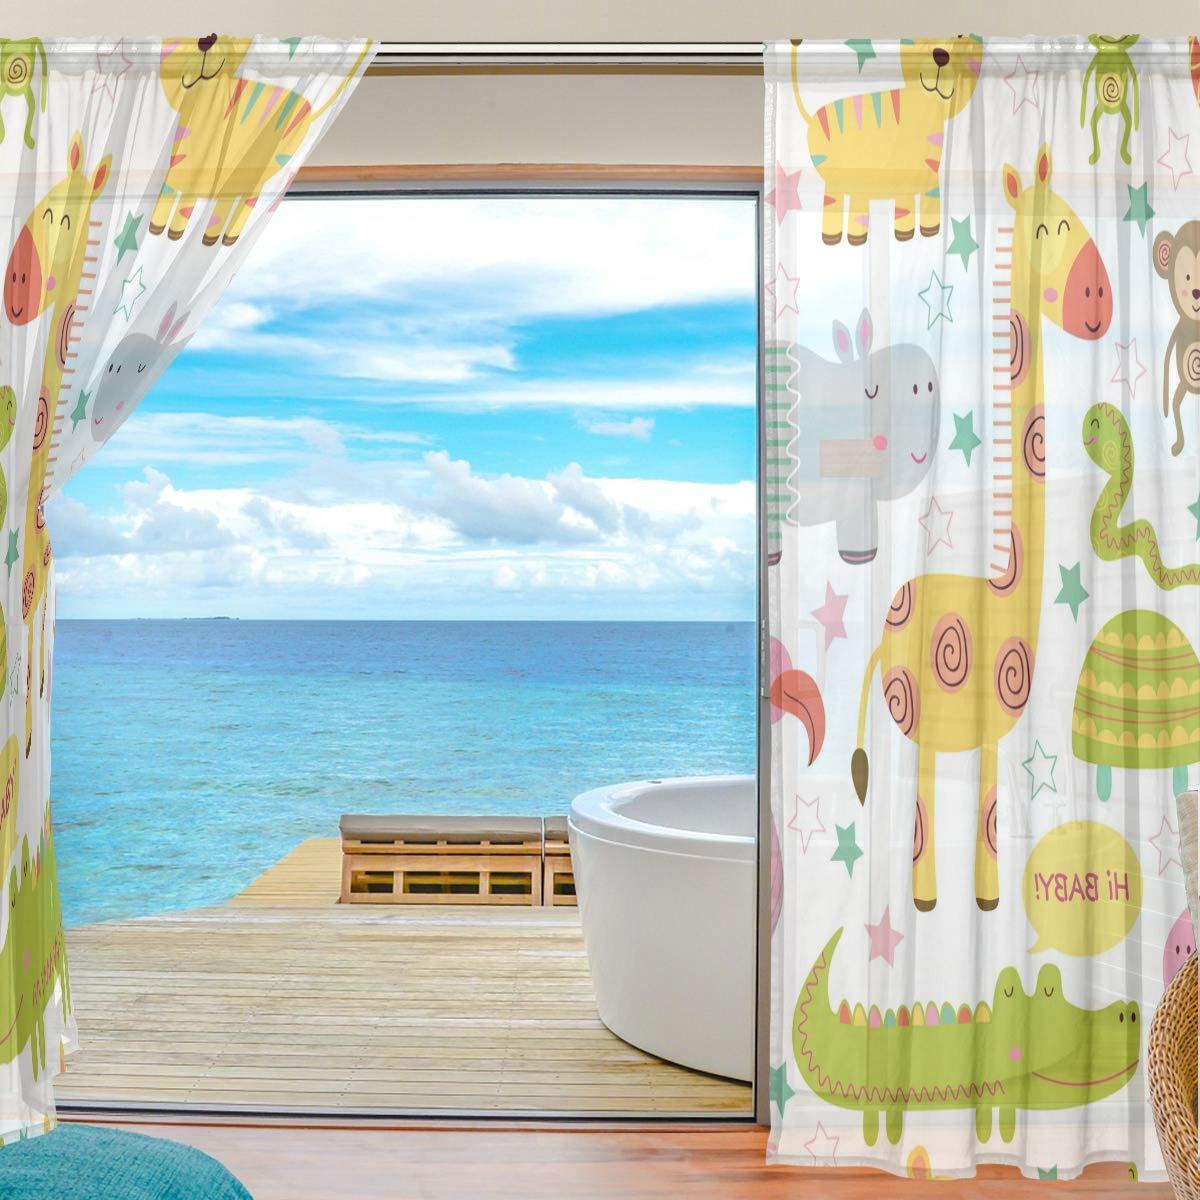 Tenda a 2 pannelli in voile velato soggiorno Orediy tenda lunga per soffitto motivo animali della giungla decorazione per camera da letto 2* 140W x 200 H finestra